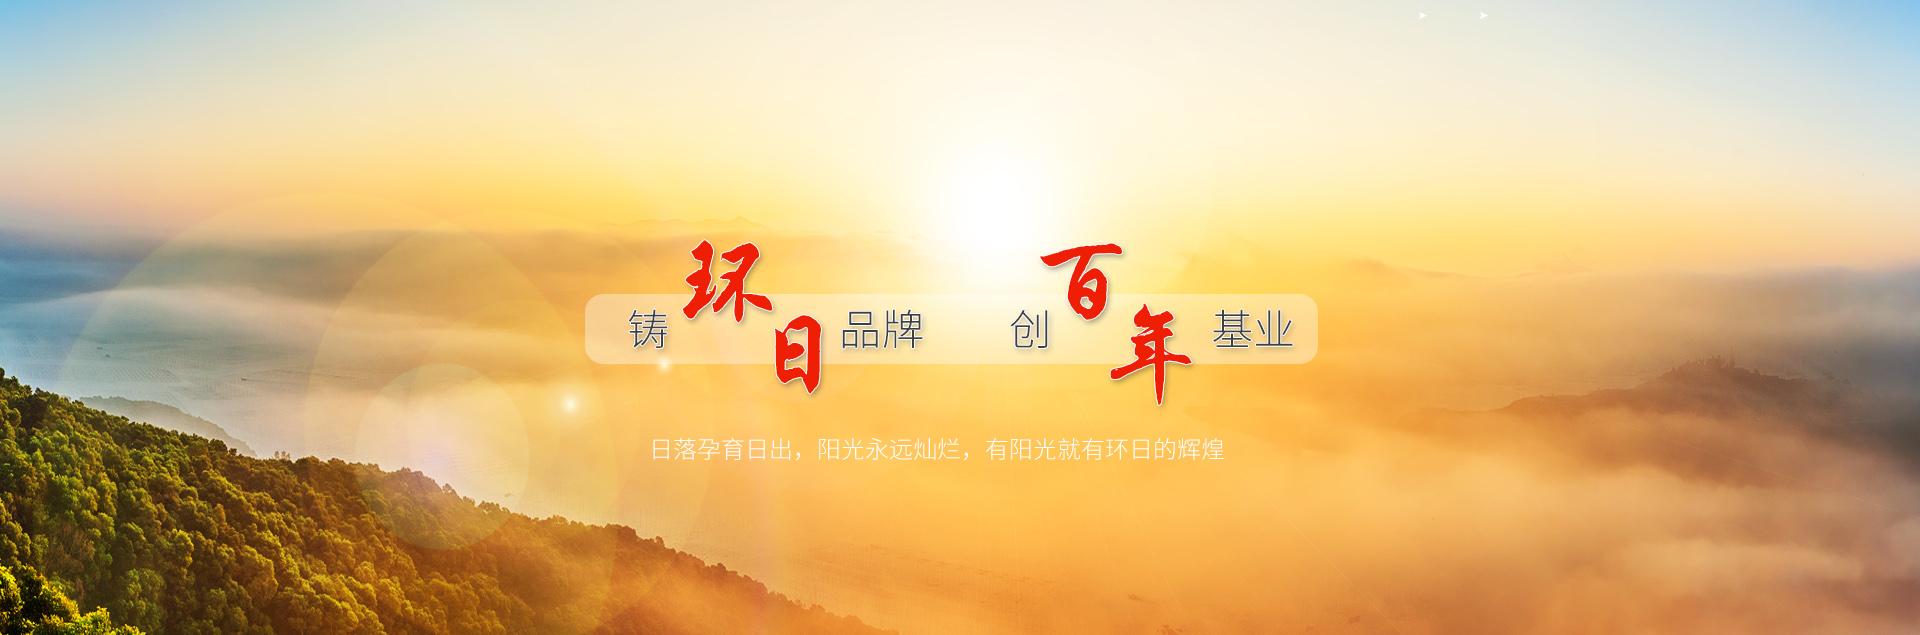 山东环日集团有限公司招聘信息